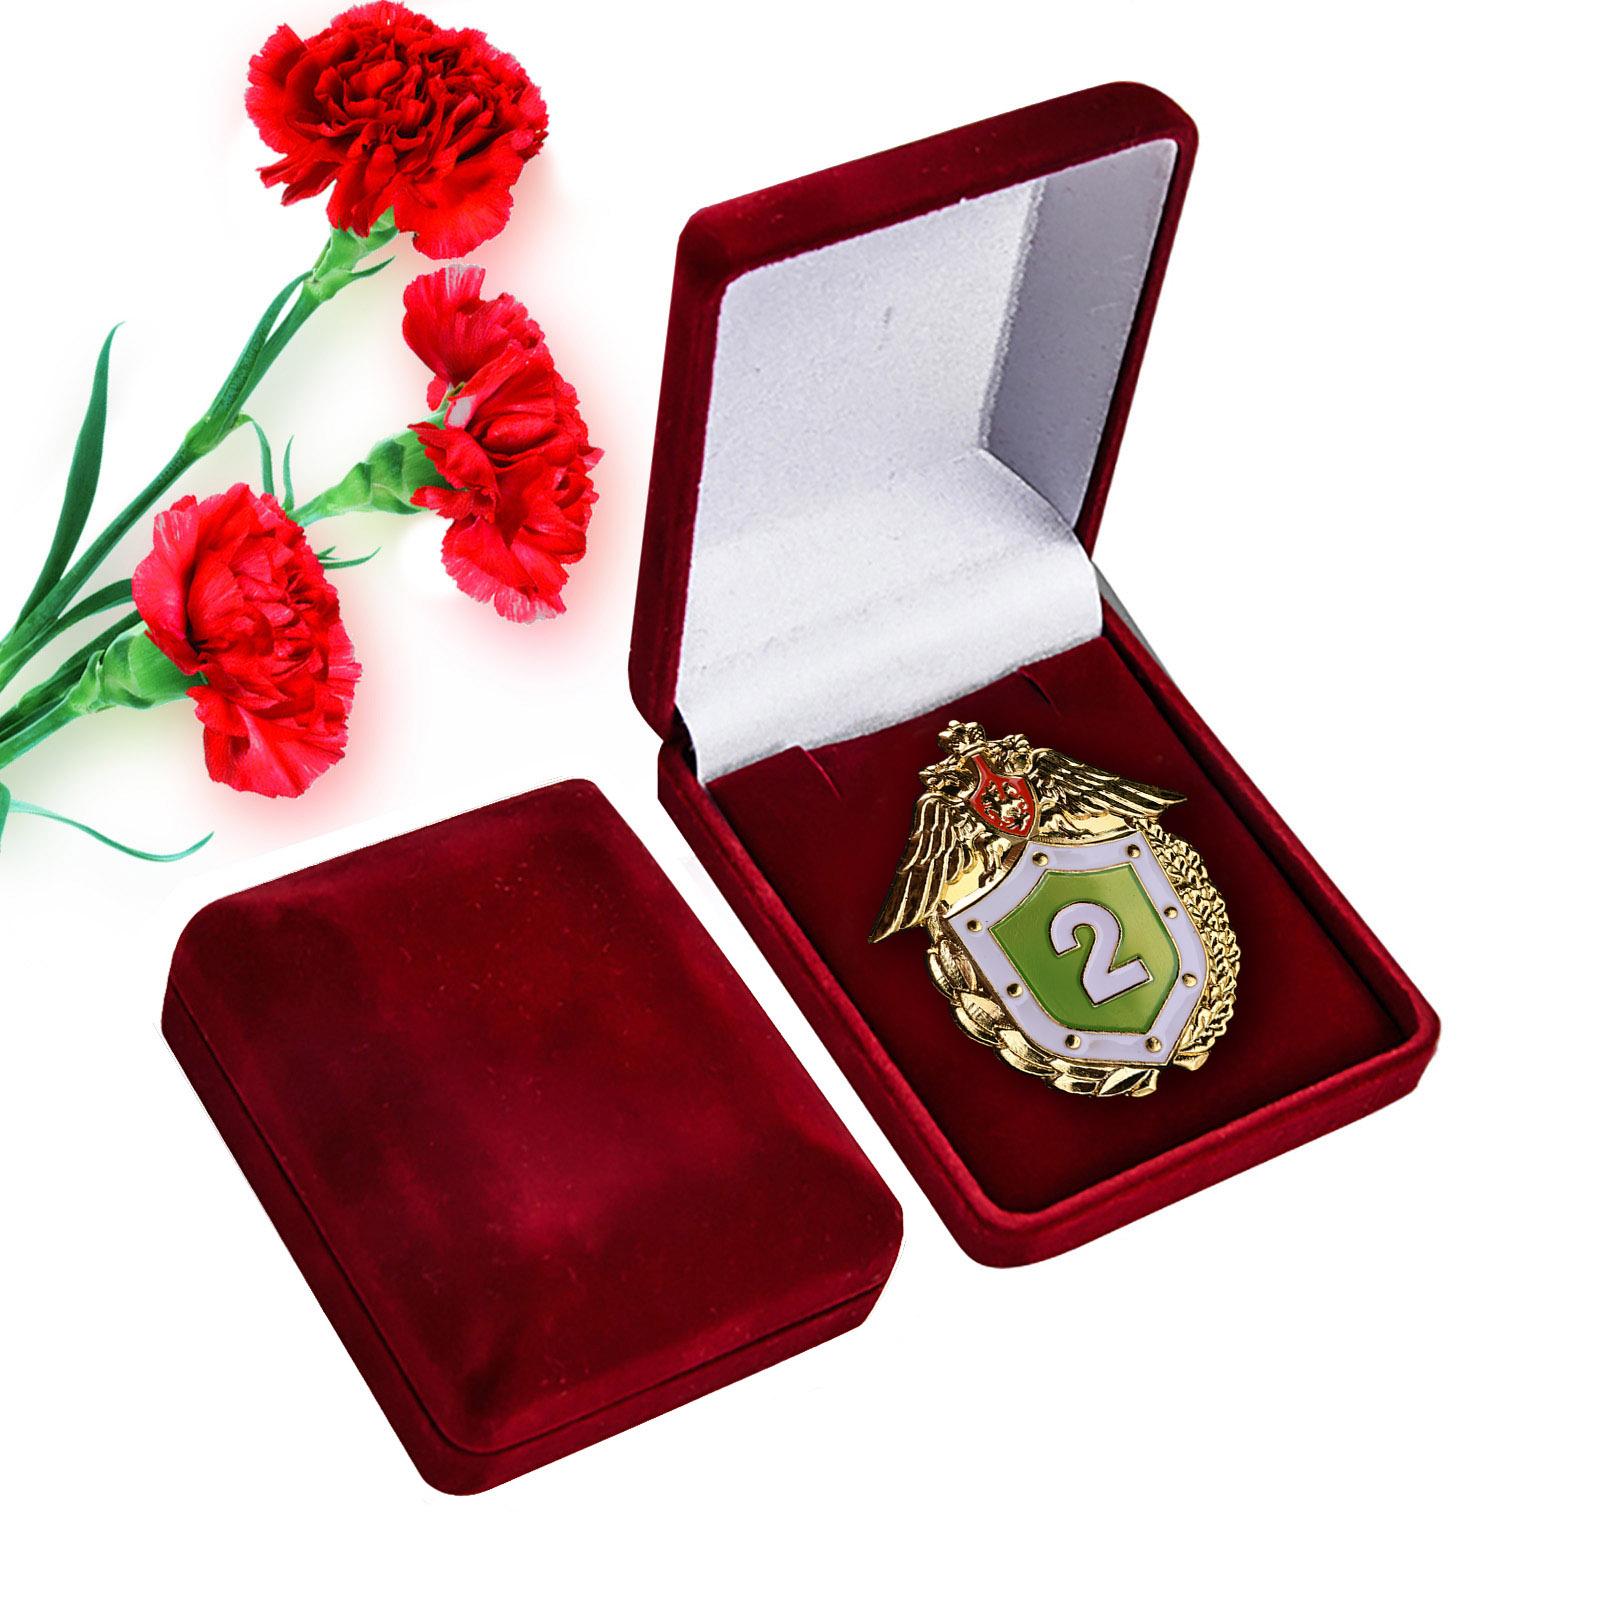 Знак ФПС РФ Классный специалист 2 класс в бархатном футляре